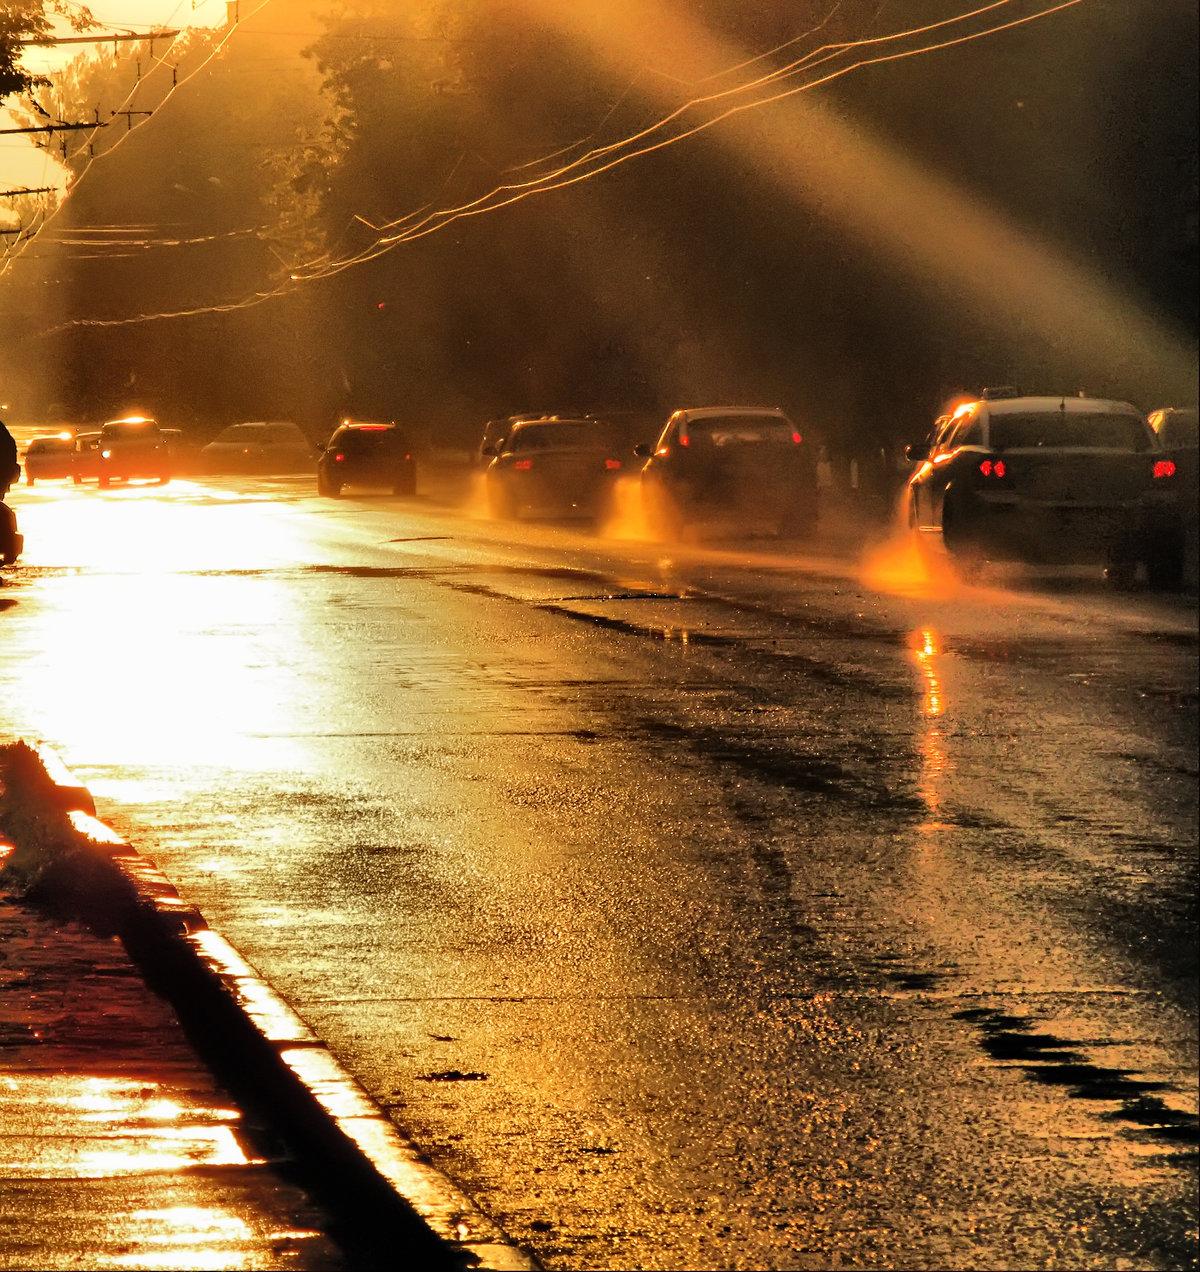 Дорога дождь картинки